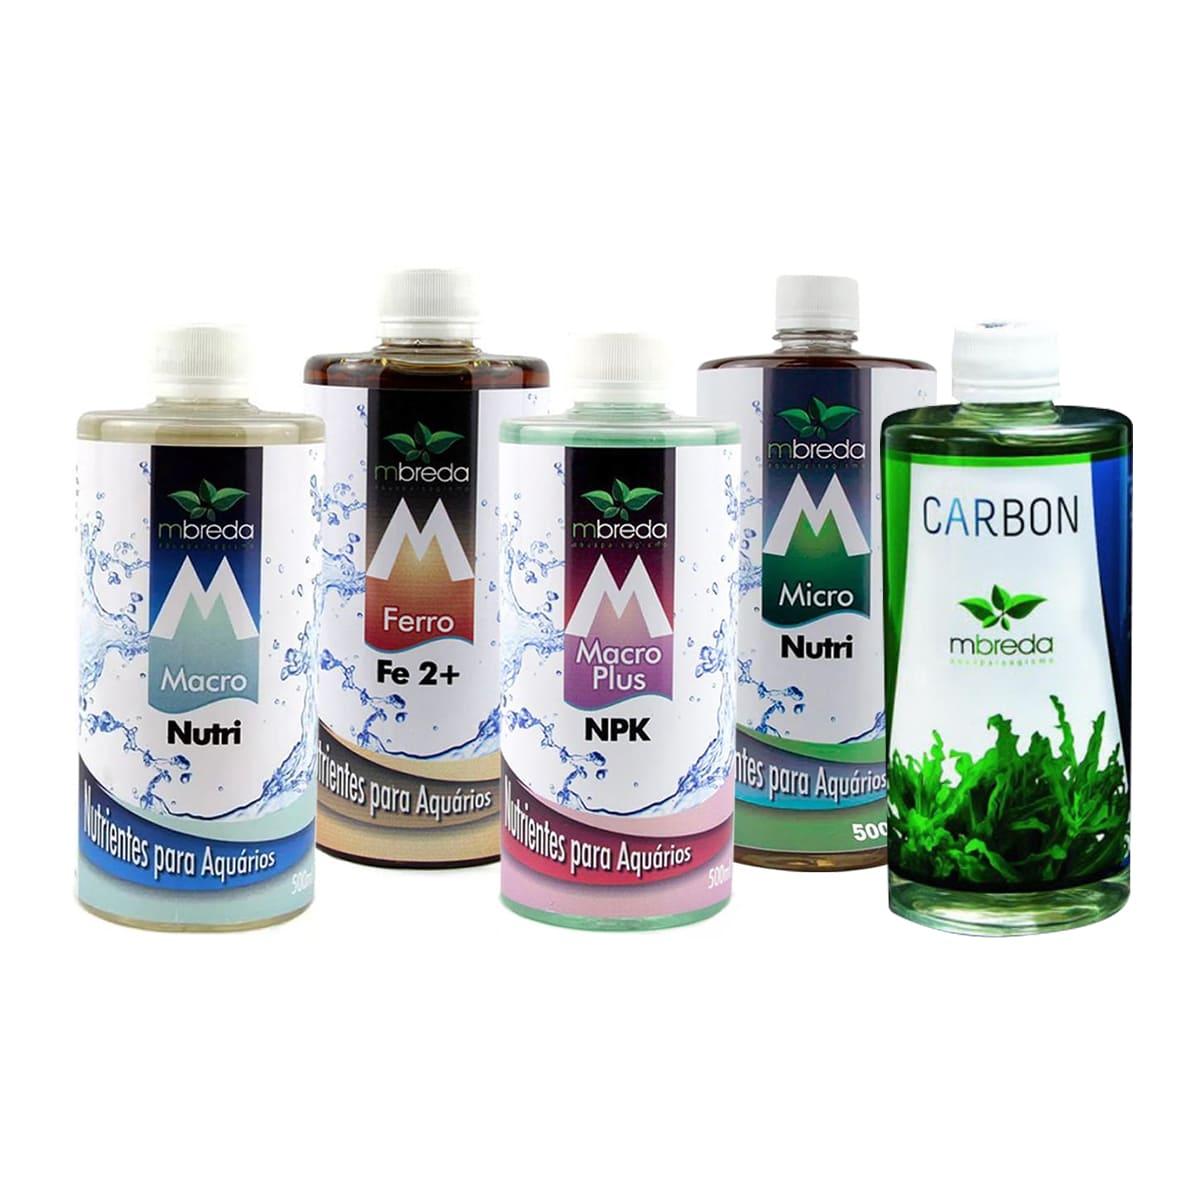 Kit Fertilizantes para Aquários Plantados Mbreda 1 Litro + Carbon